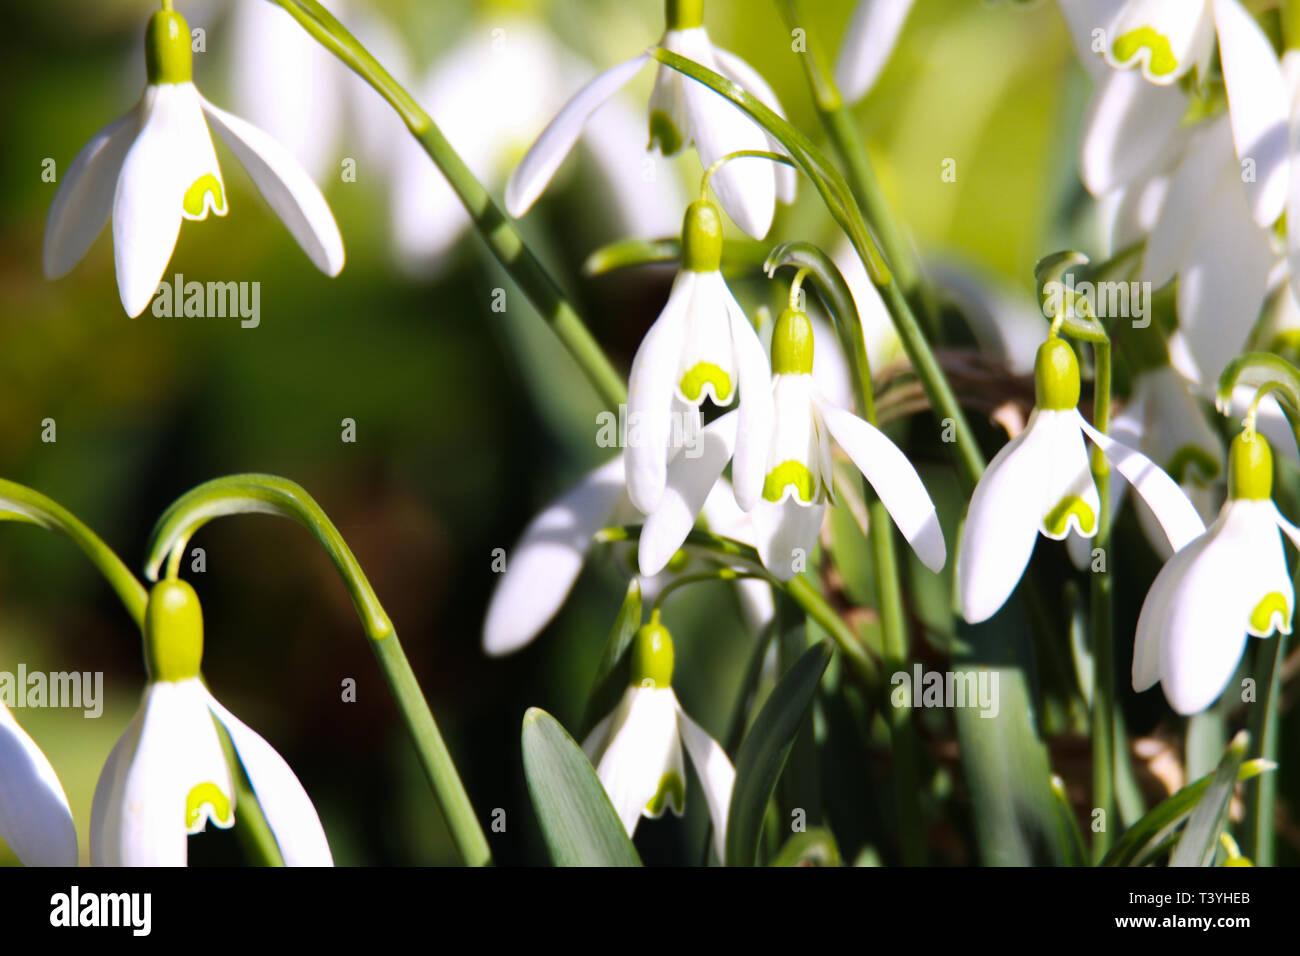 Floraison blanche perce-neige (Galanthus nivalis) annoncer le printemps Banque D'Images